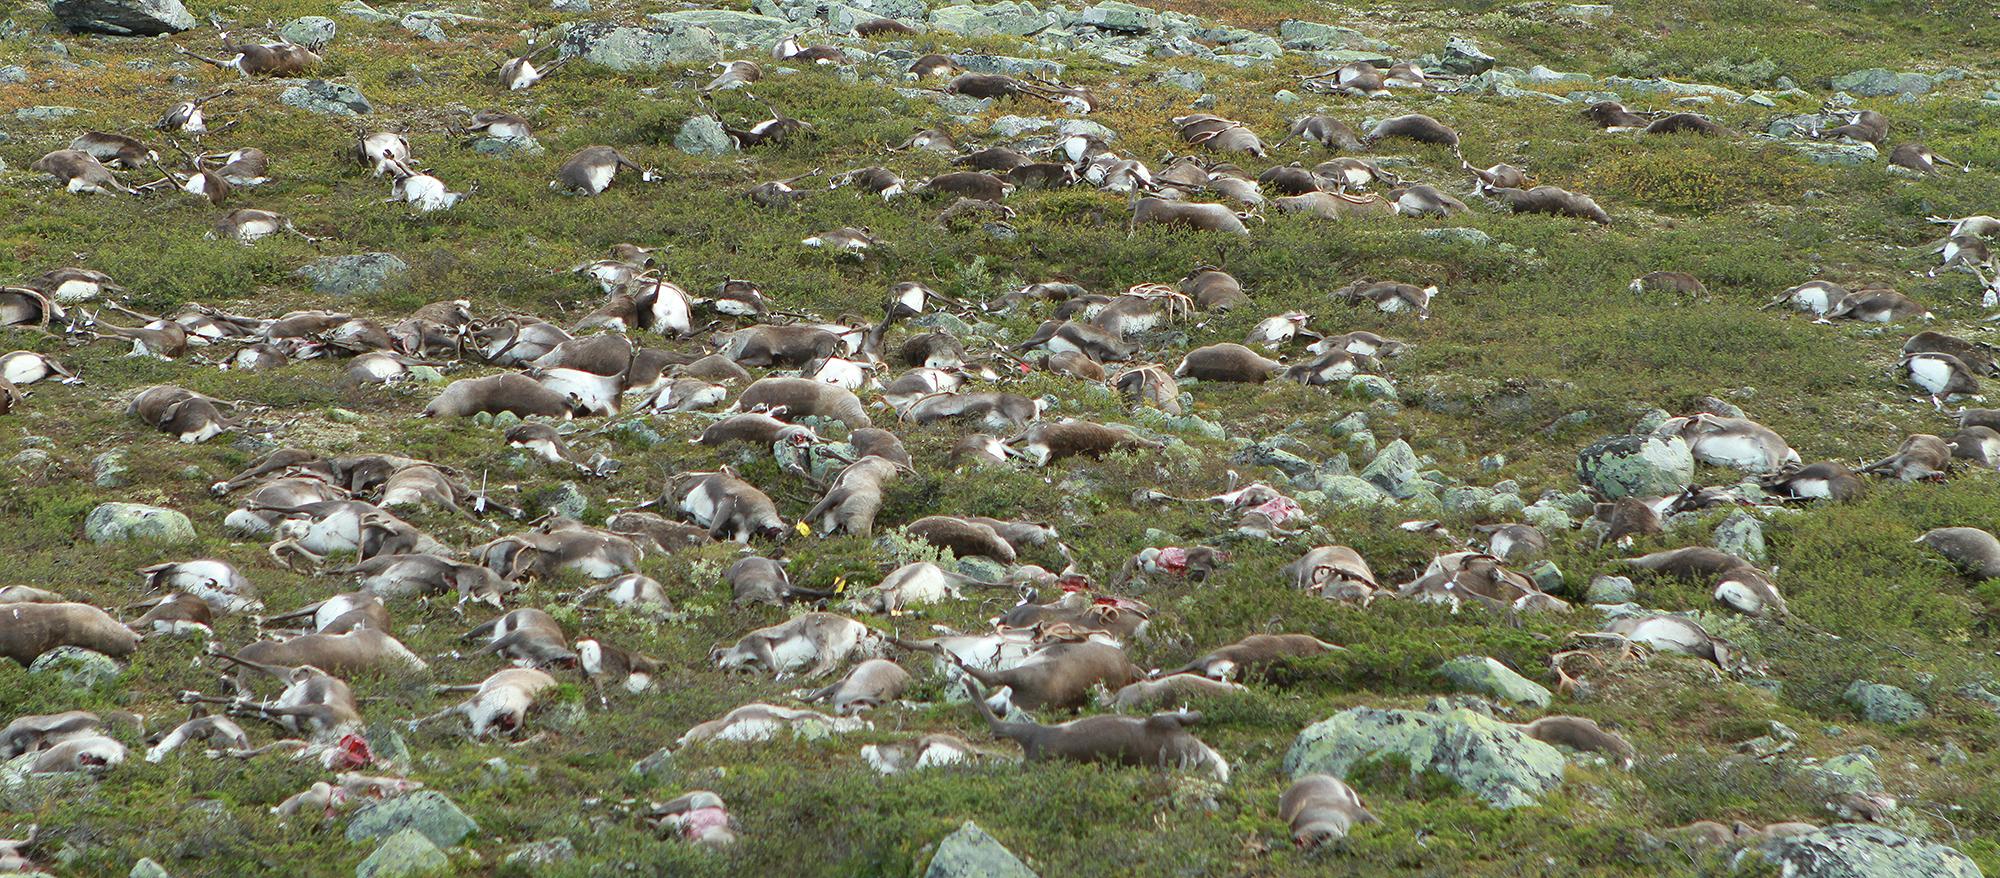 Bilete visar ein del av dei daude reinsdyra nokre dagar etter hendelsen. Foto: Knut Nylend/Statens naturoppsyn